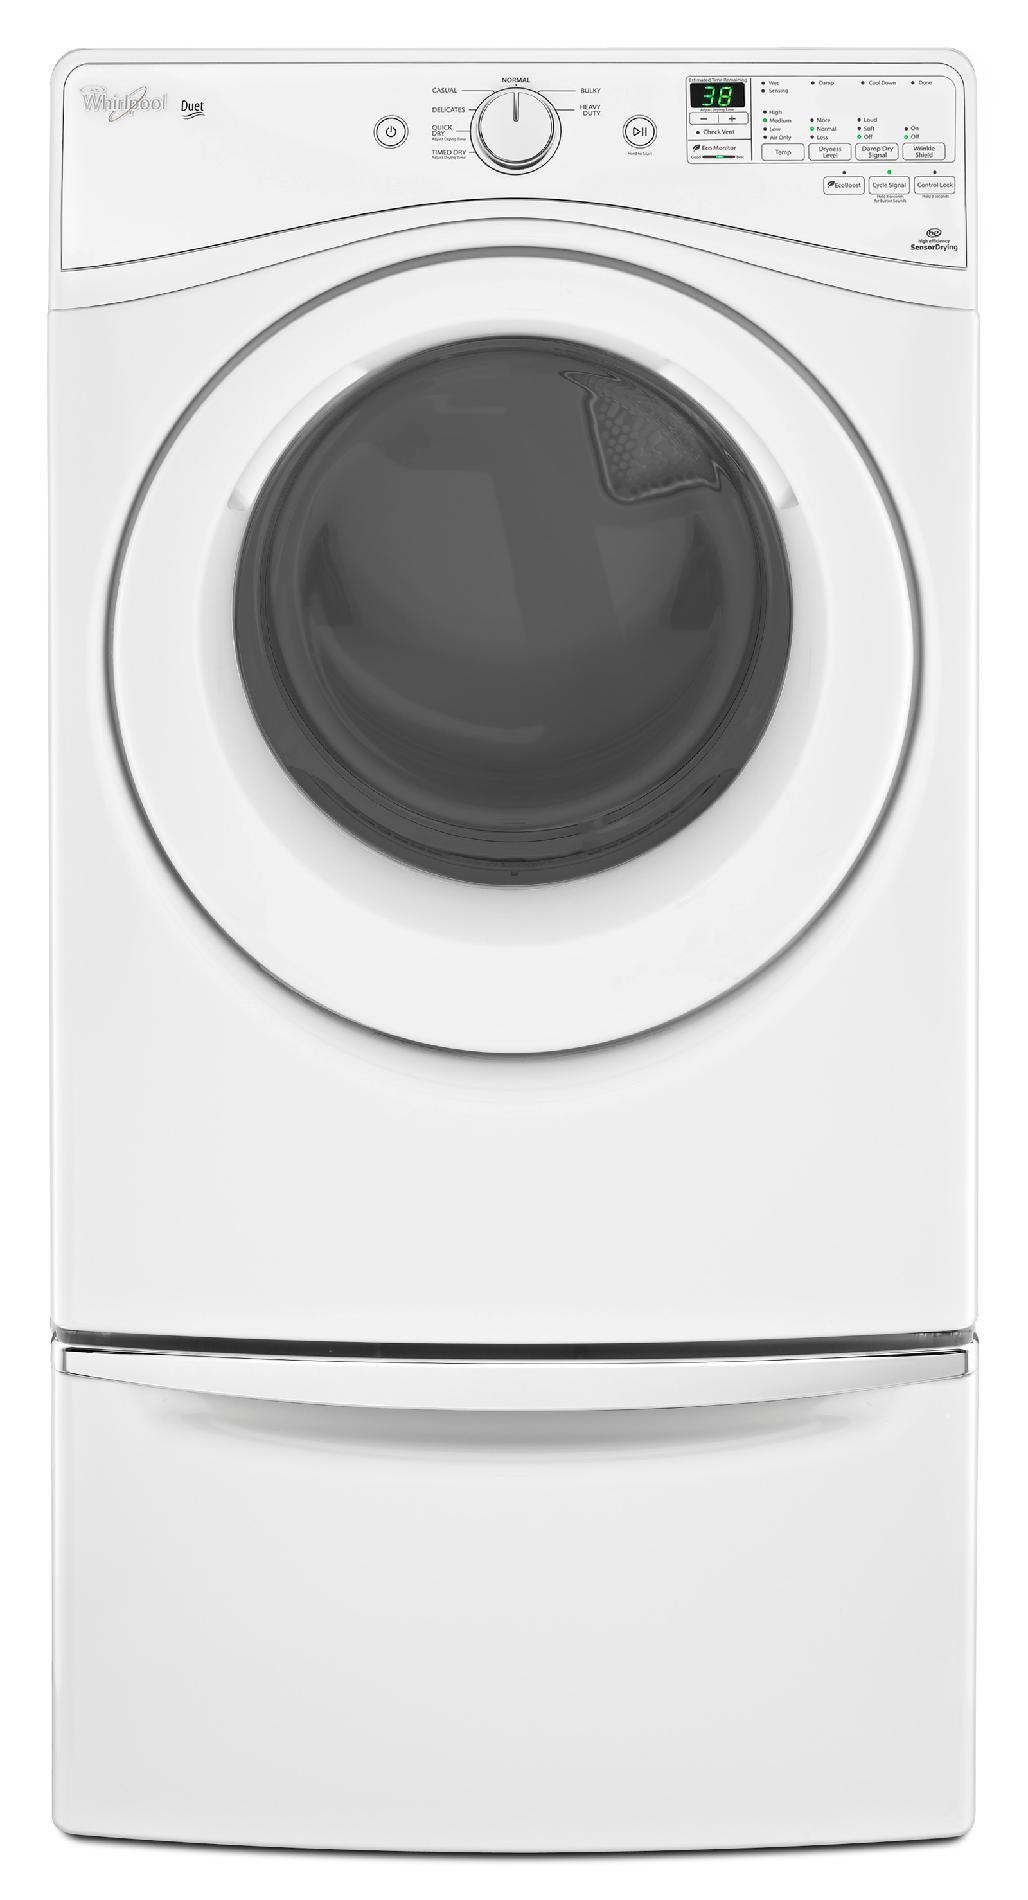 Whirlpool WGD81HEDW 7.4 cu. ft. Duet® Gas Dryer w/ Drum Light - White